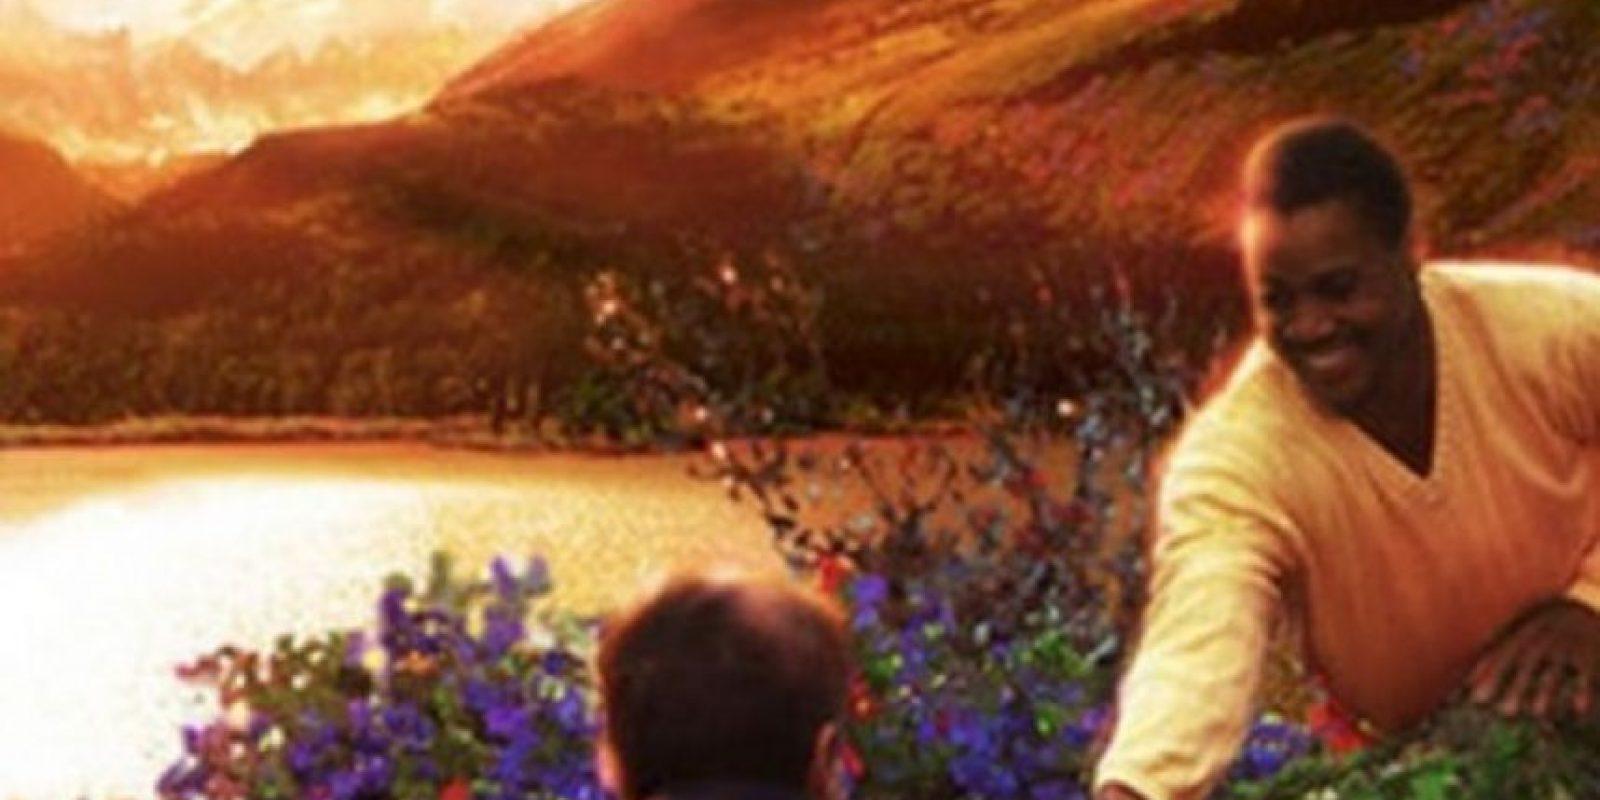 Foto:Más allá de los sueños: Chris Nielsen (Robin Williams) y su esposa Annie viven una vida de sueños junto a sus dos hijos, Marie e Ian. Después de la pérdida de sus dos hijos en un accidente en auto, Annie cae sumergida en una intensa depresión y es Chris quien la ayuda a salir de ella y recorrer juntos un largo camino.